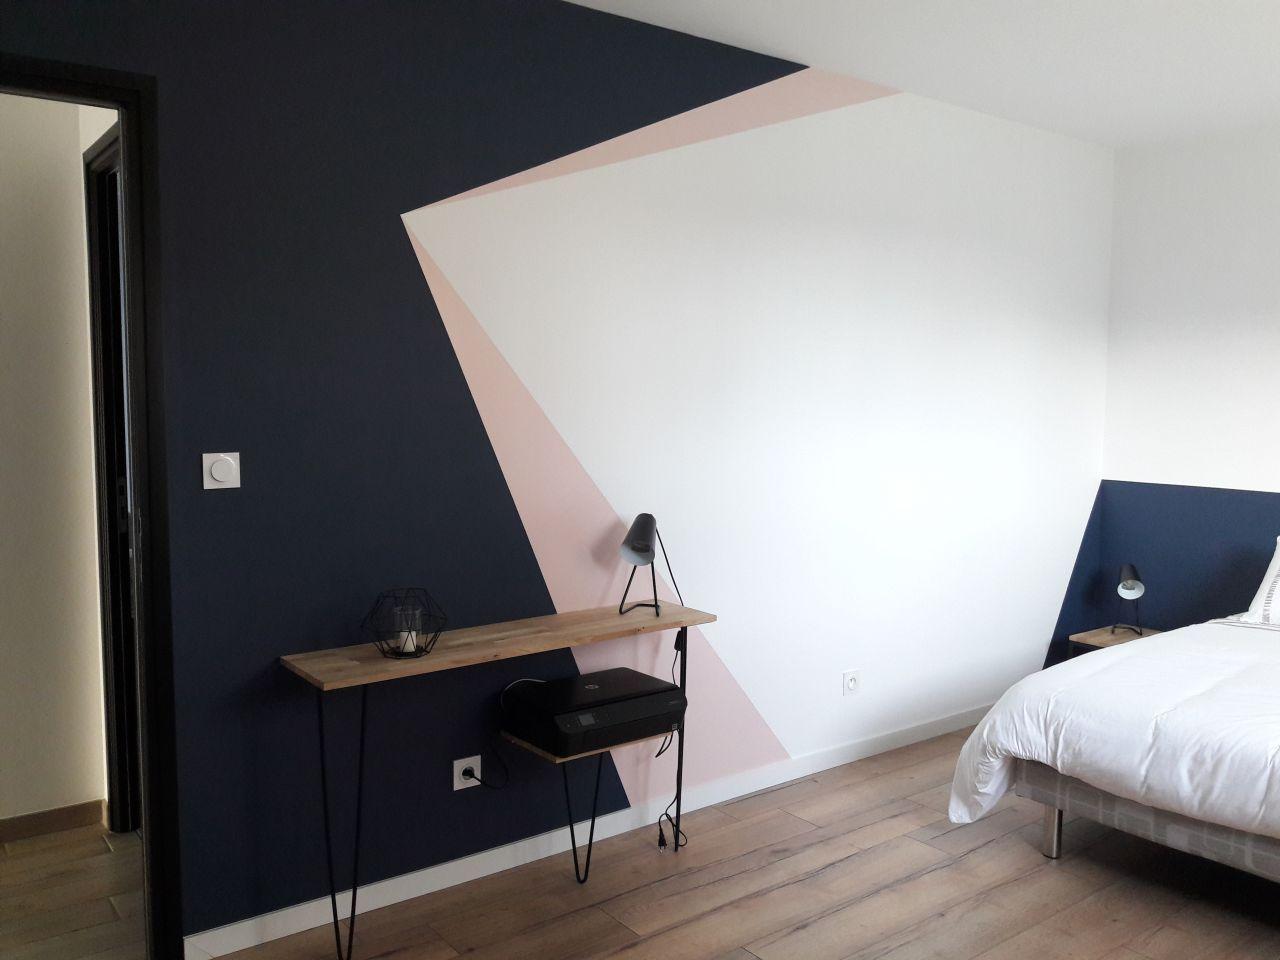 Peinture Mur Chambre D Amis Deco Chambre Peinture Mur